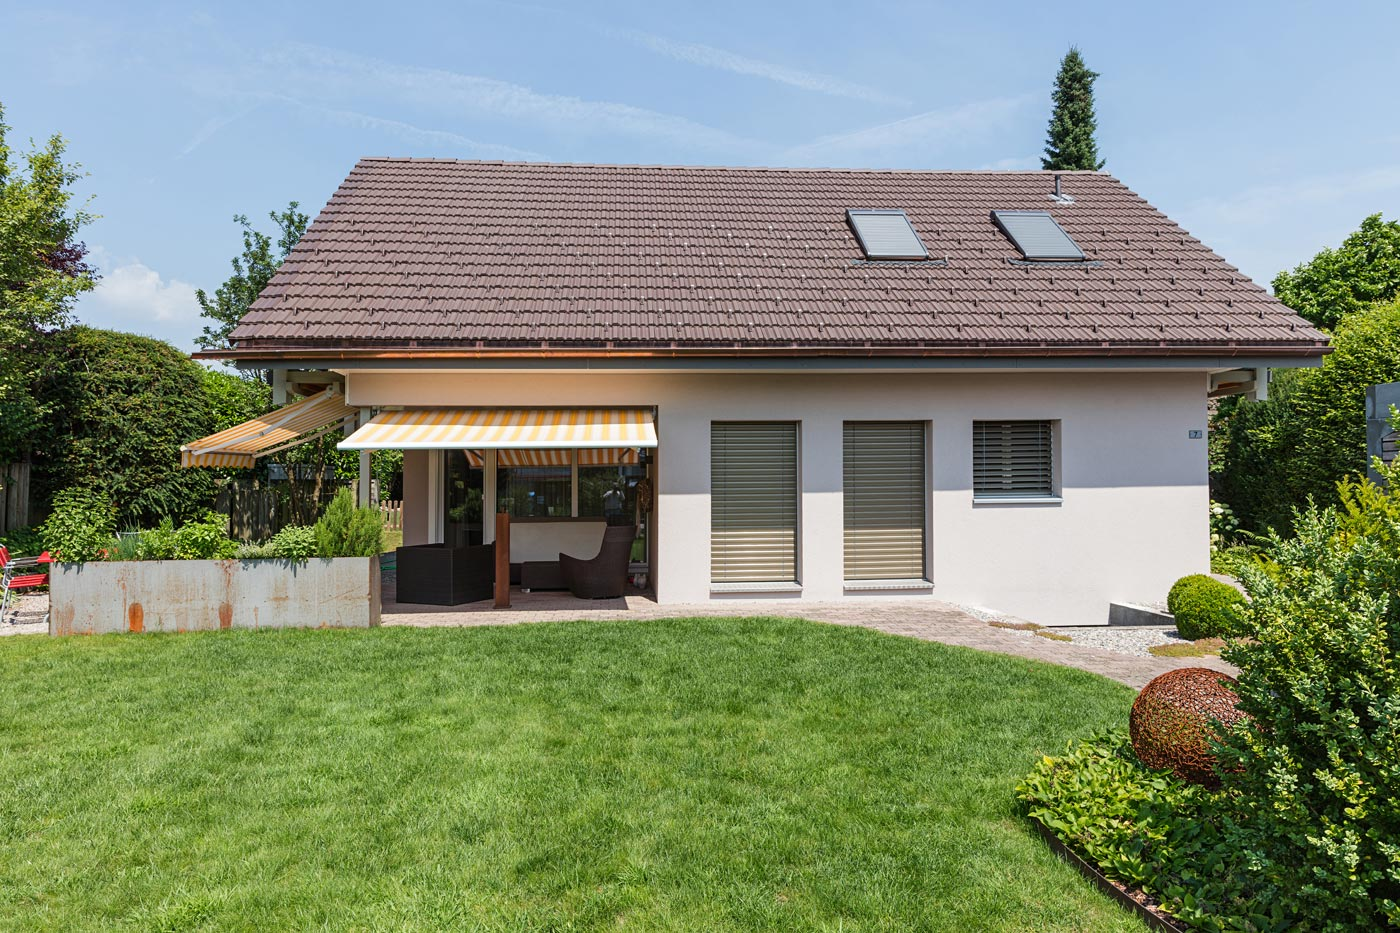 dachsanierung, steildach, ziegeldach, dachfenster